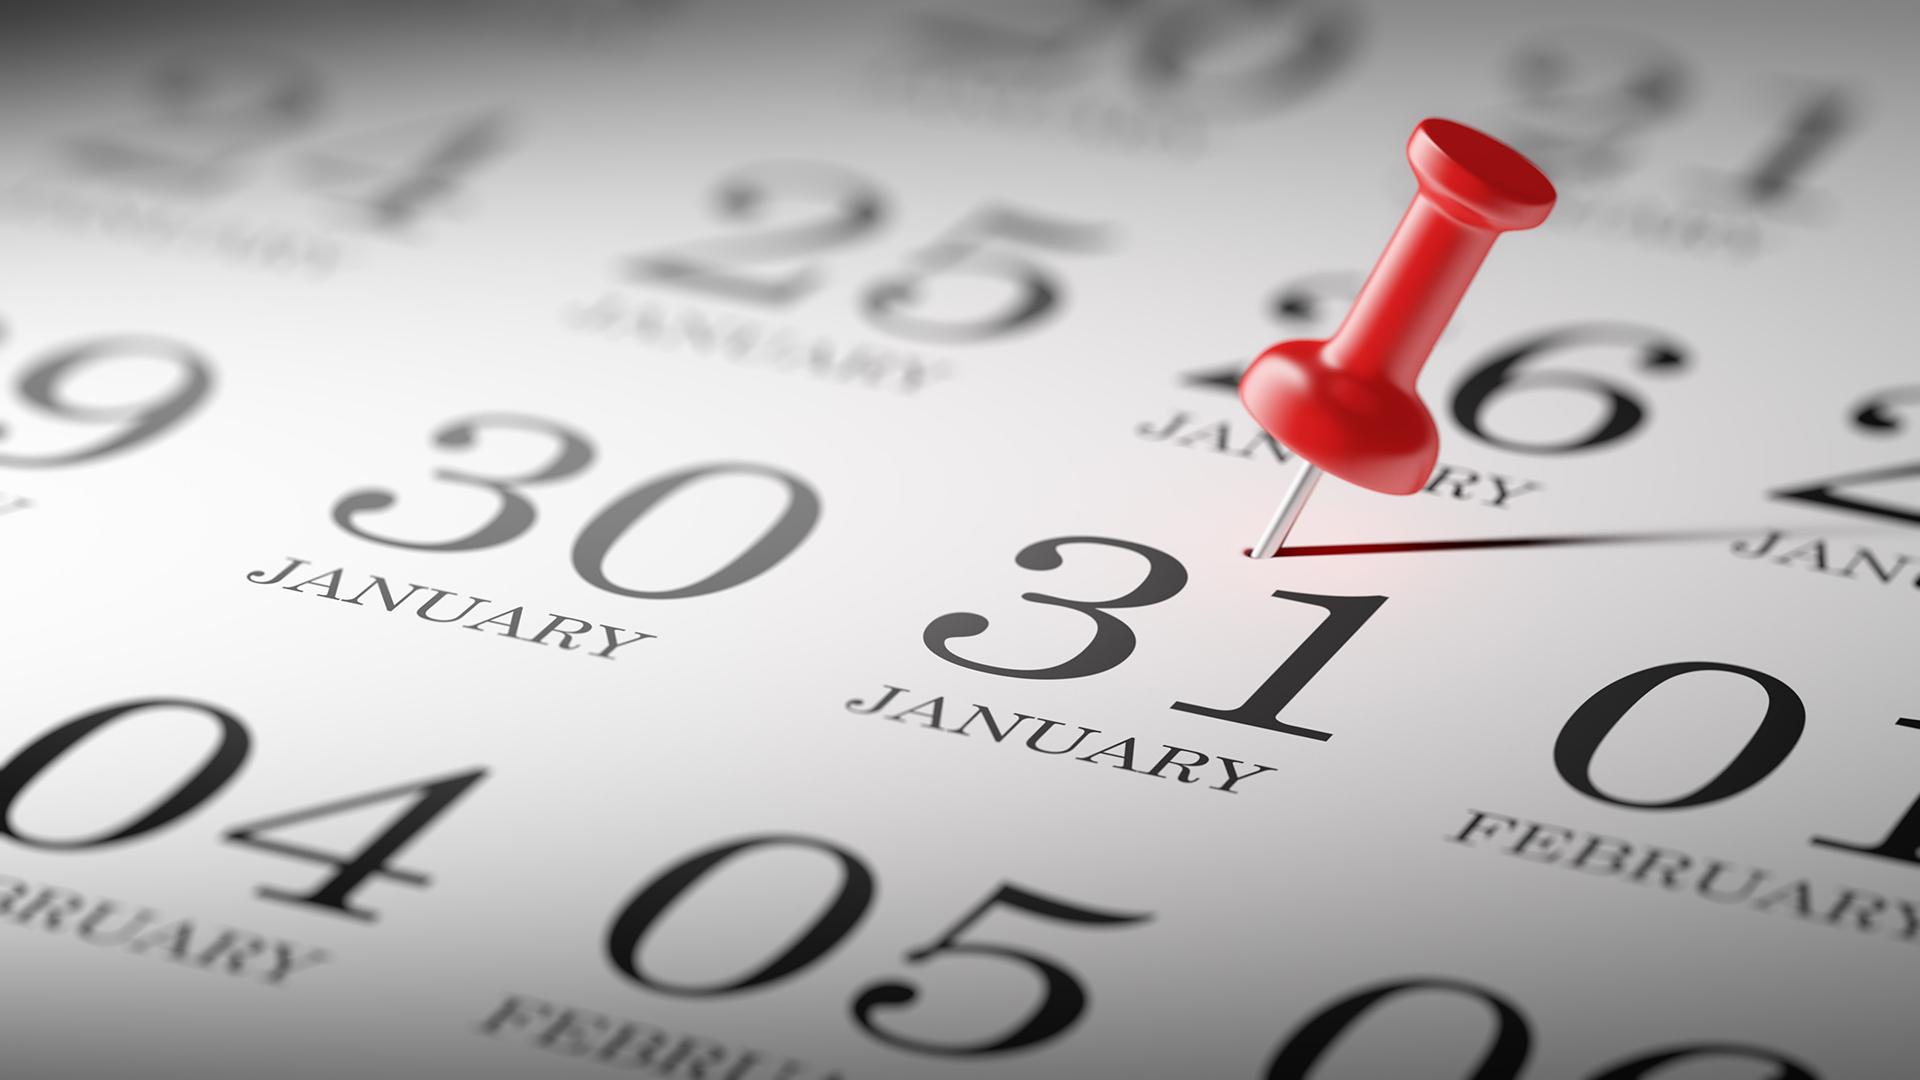 january-31-calendar-ss-1920